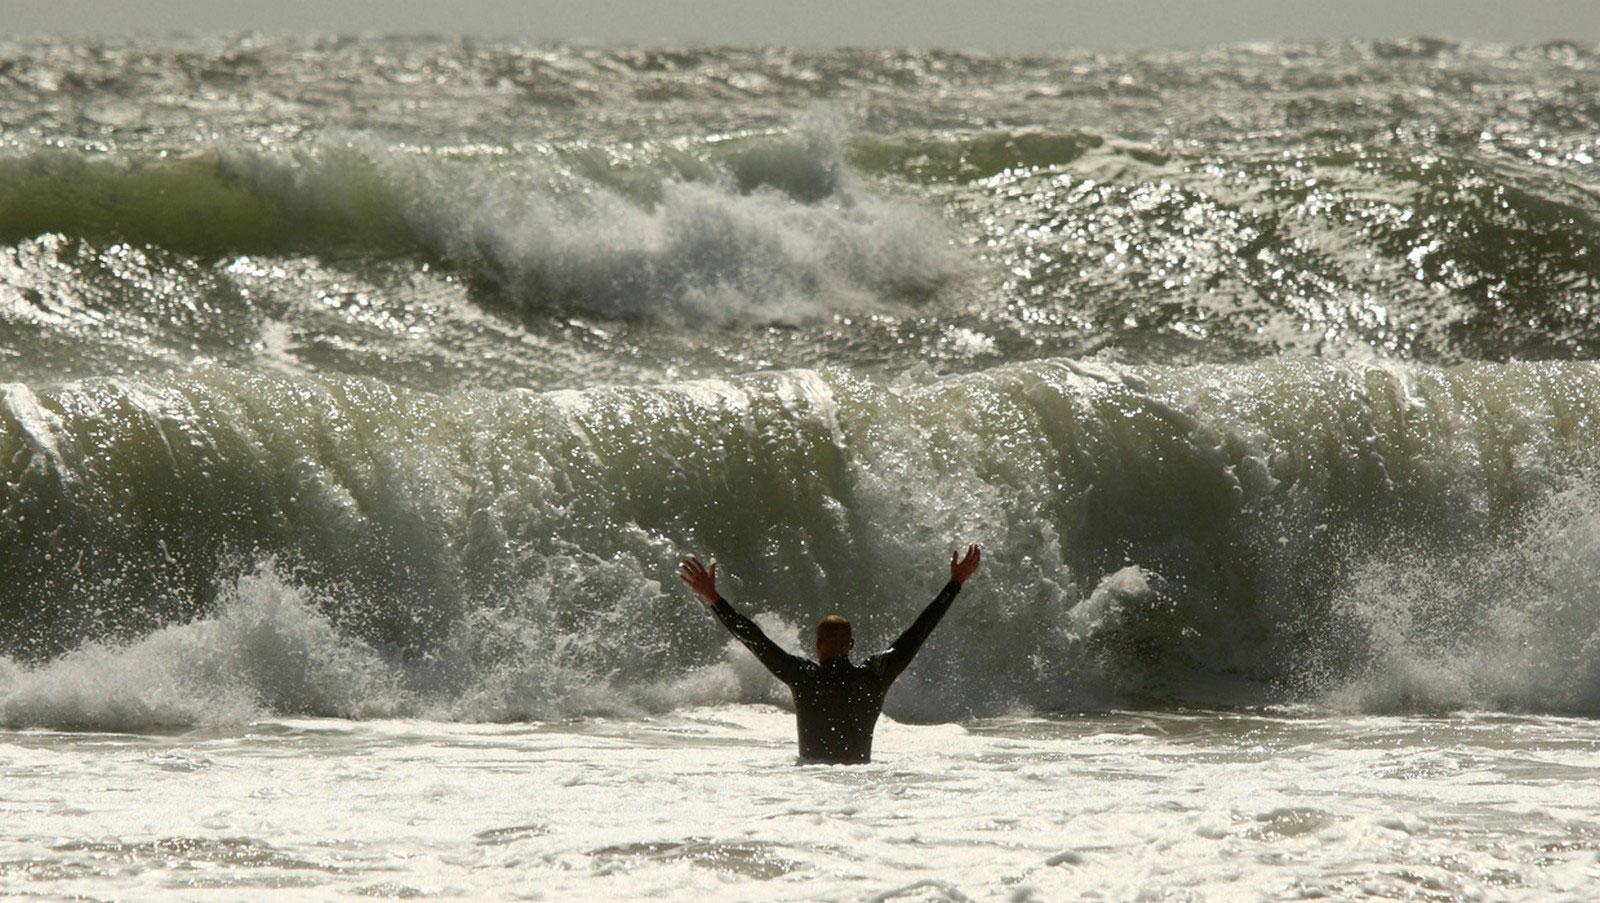 волны перед ураганом, фото